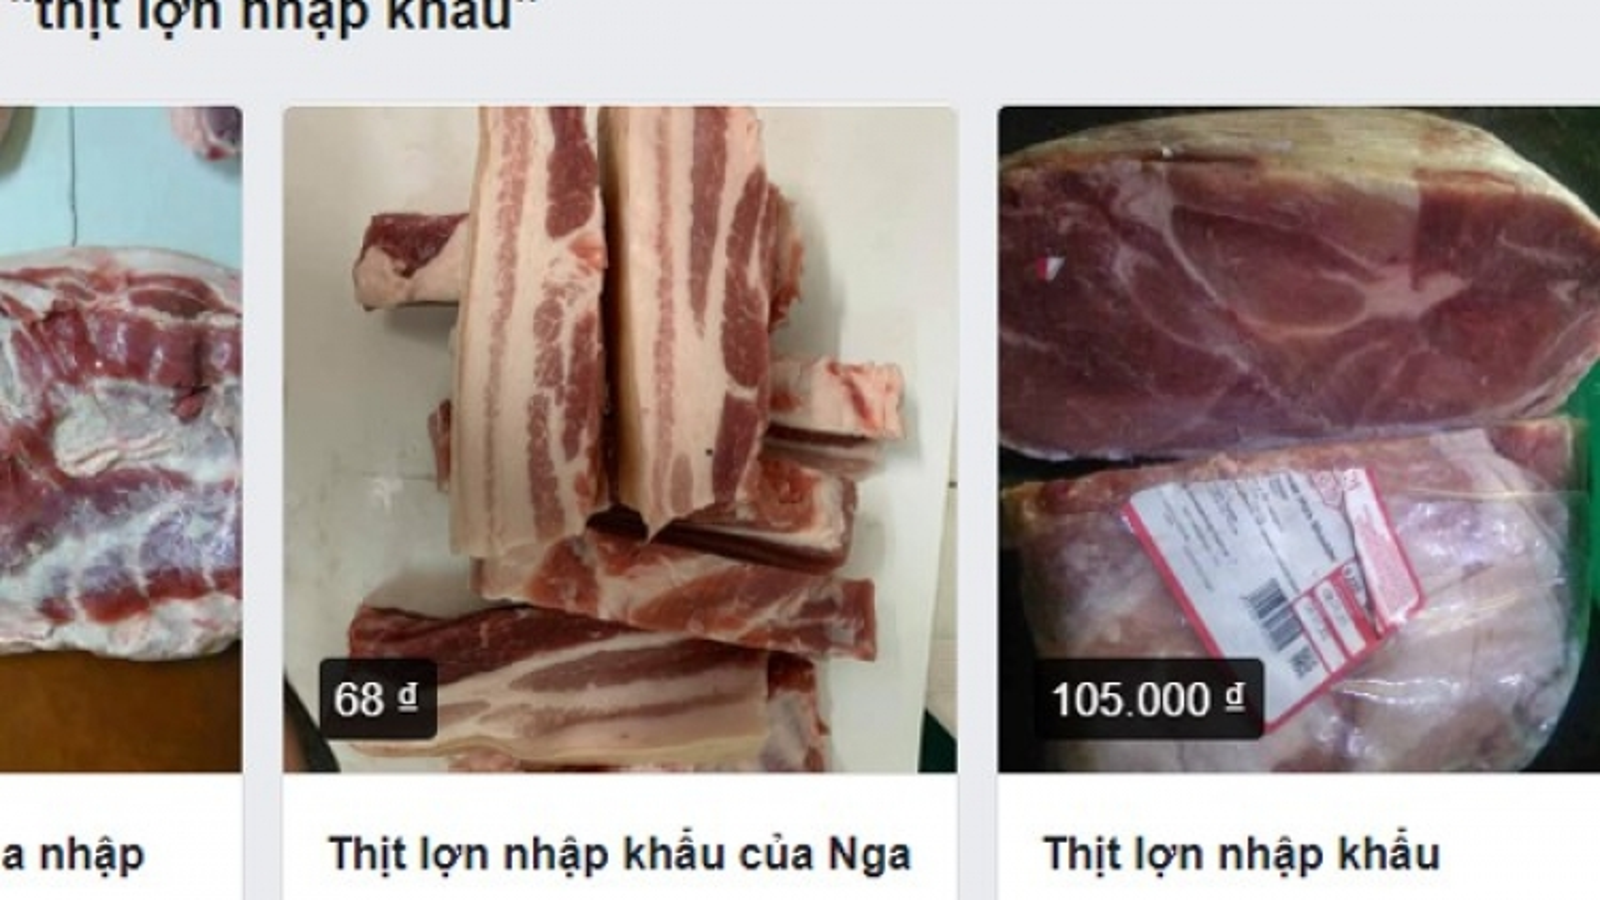 """Thịt lợn nhập khẩu rao bán tràn lan trên chợ mạng, giá """"loạn"""""""